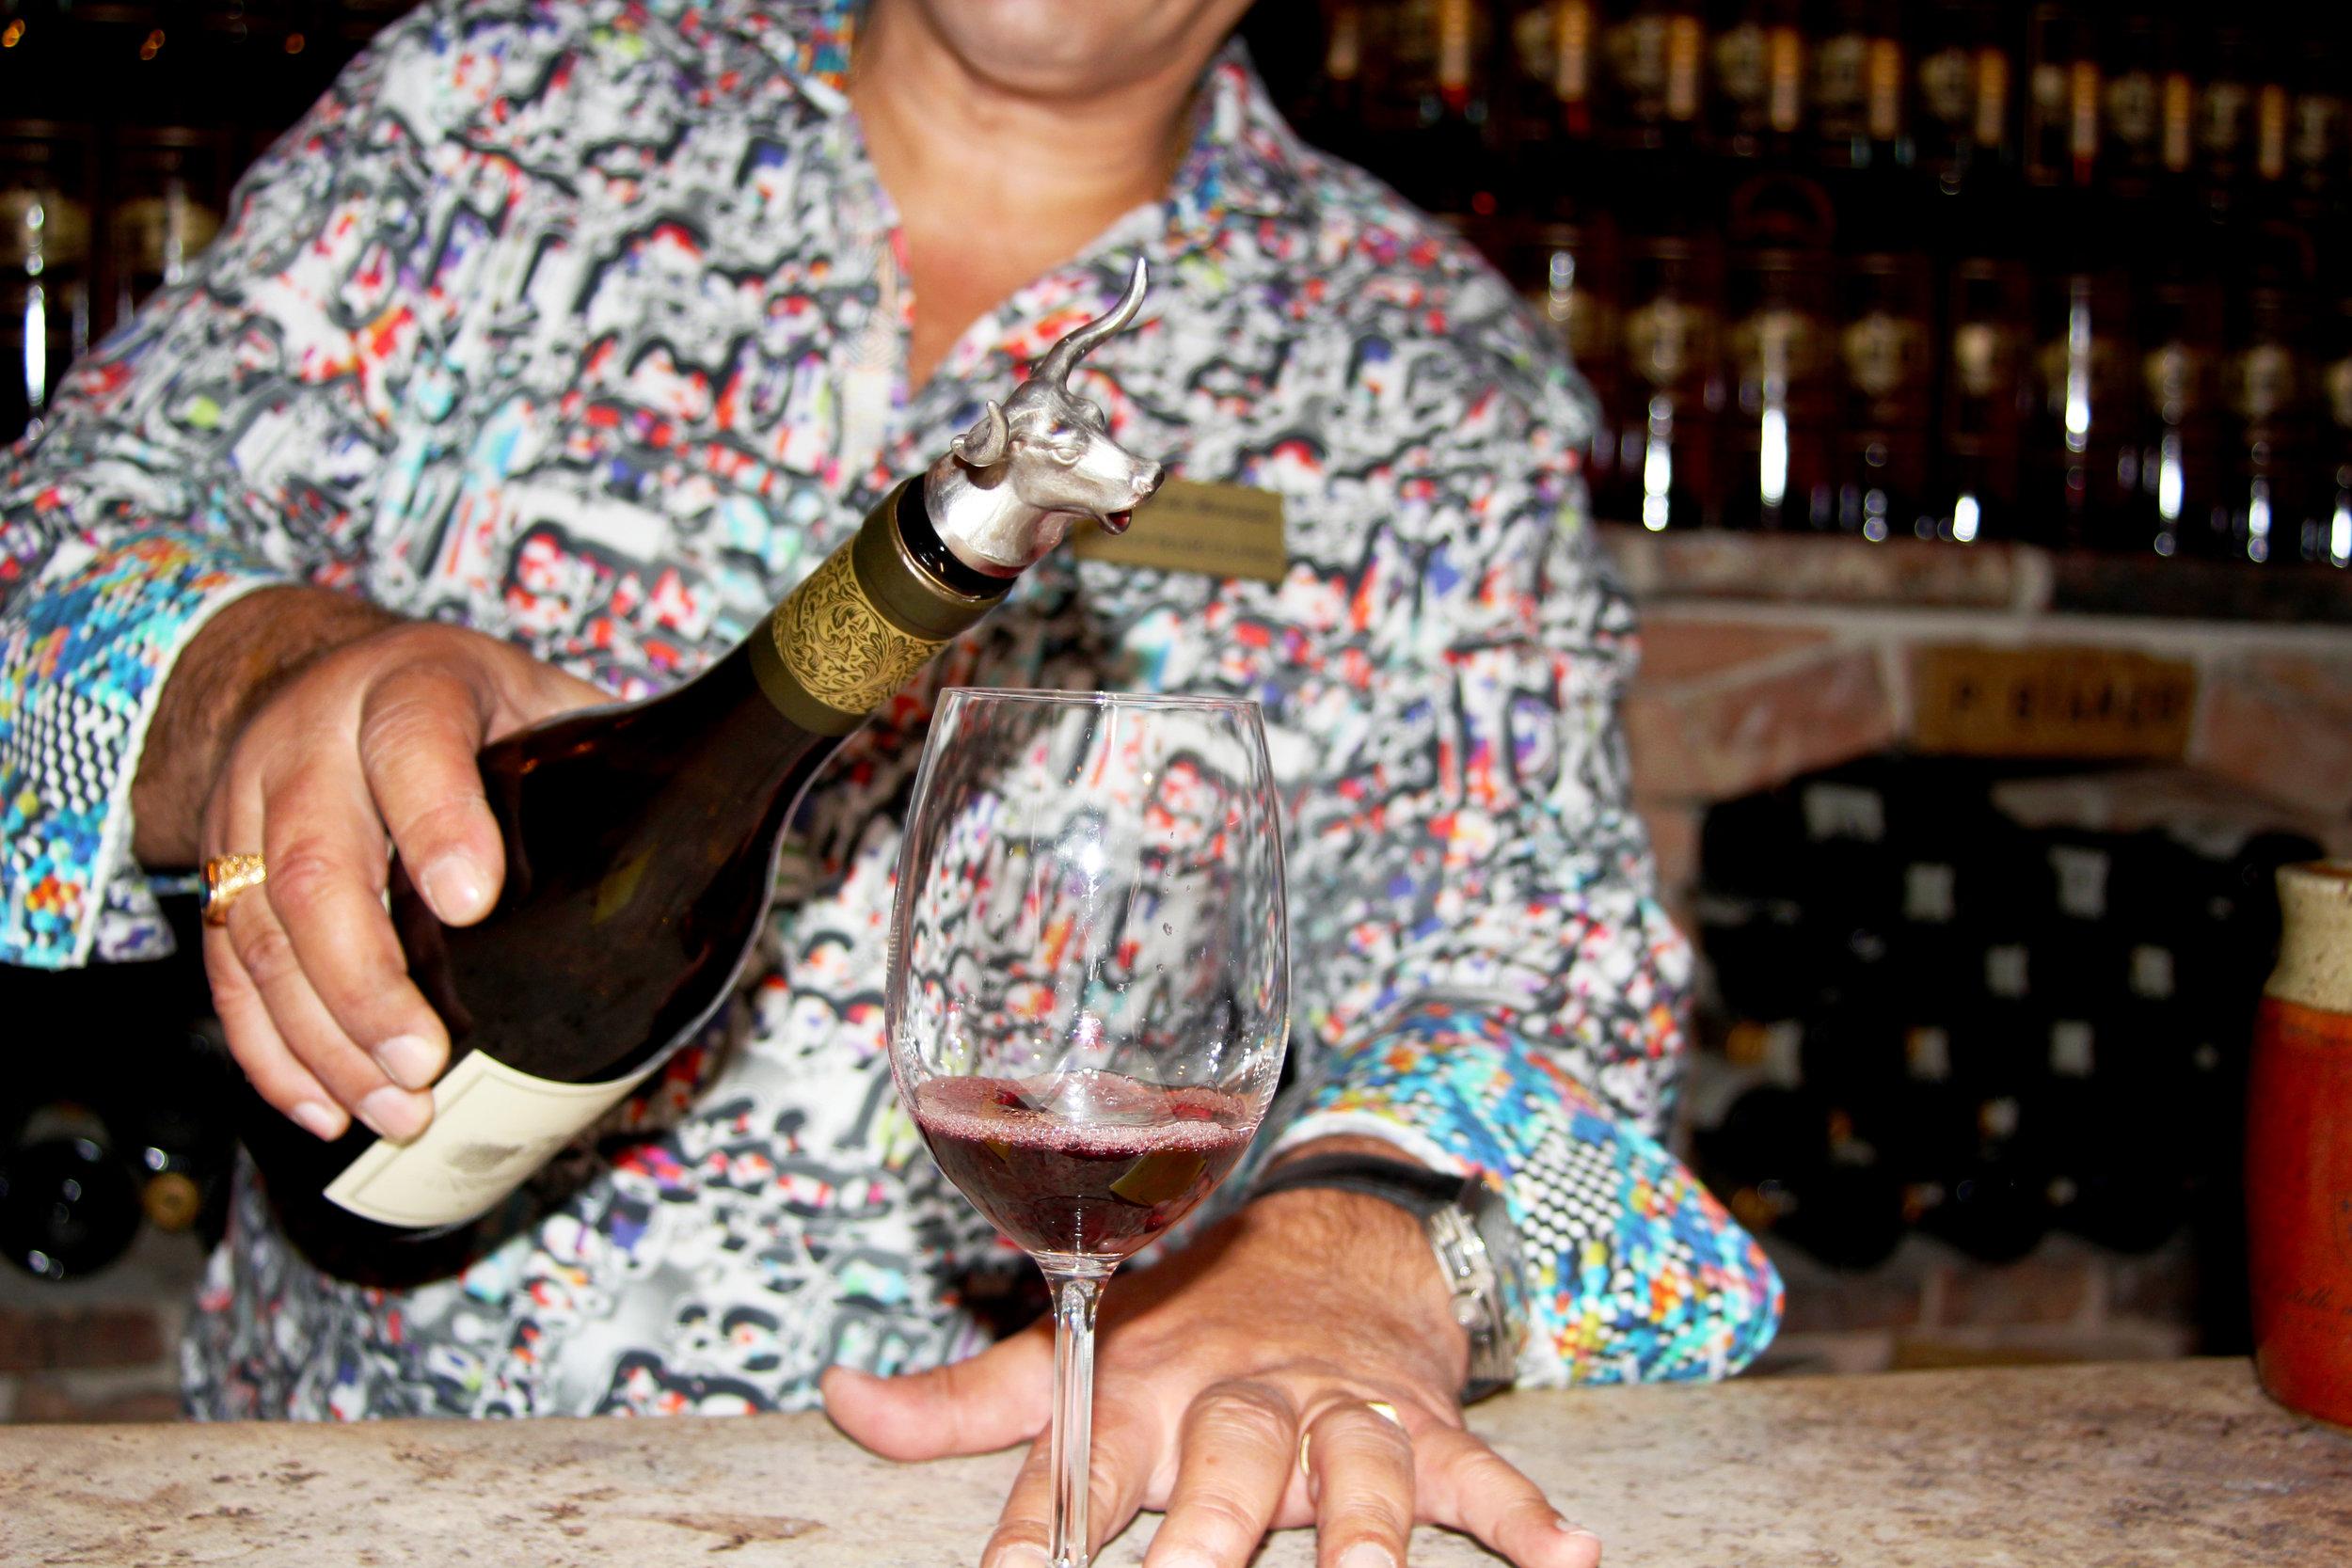 Castello Di Amorosa wine pour copy.jpg